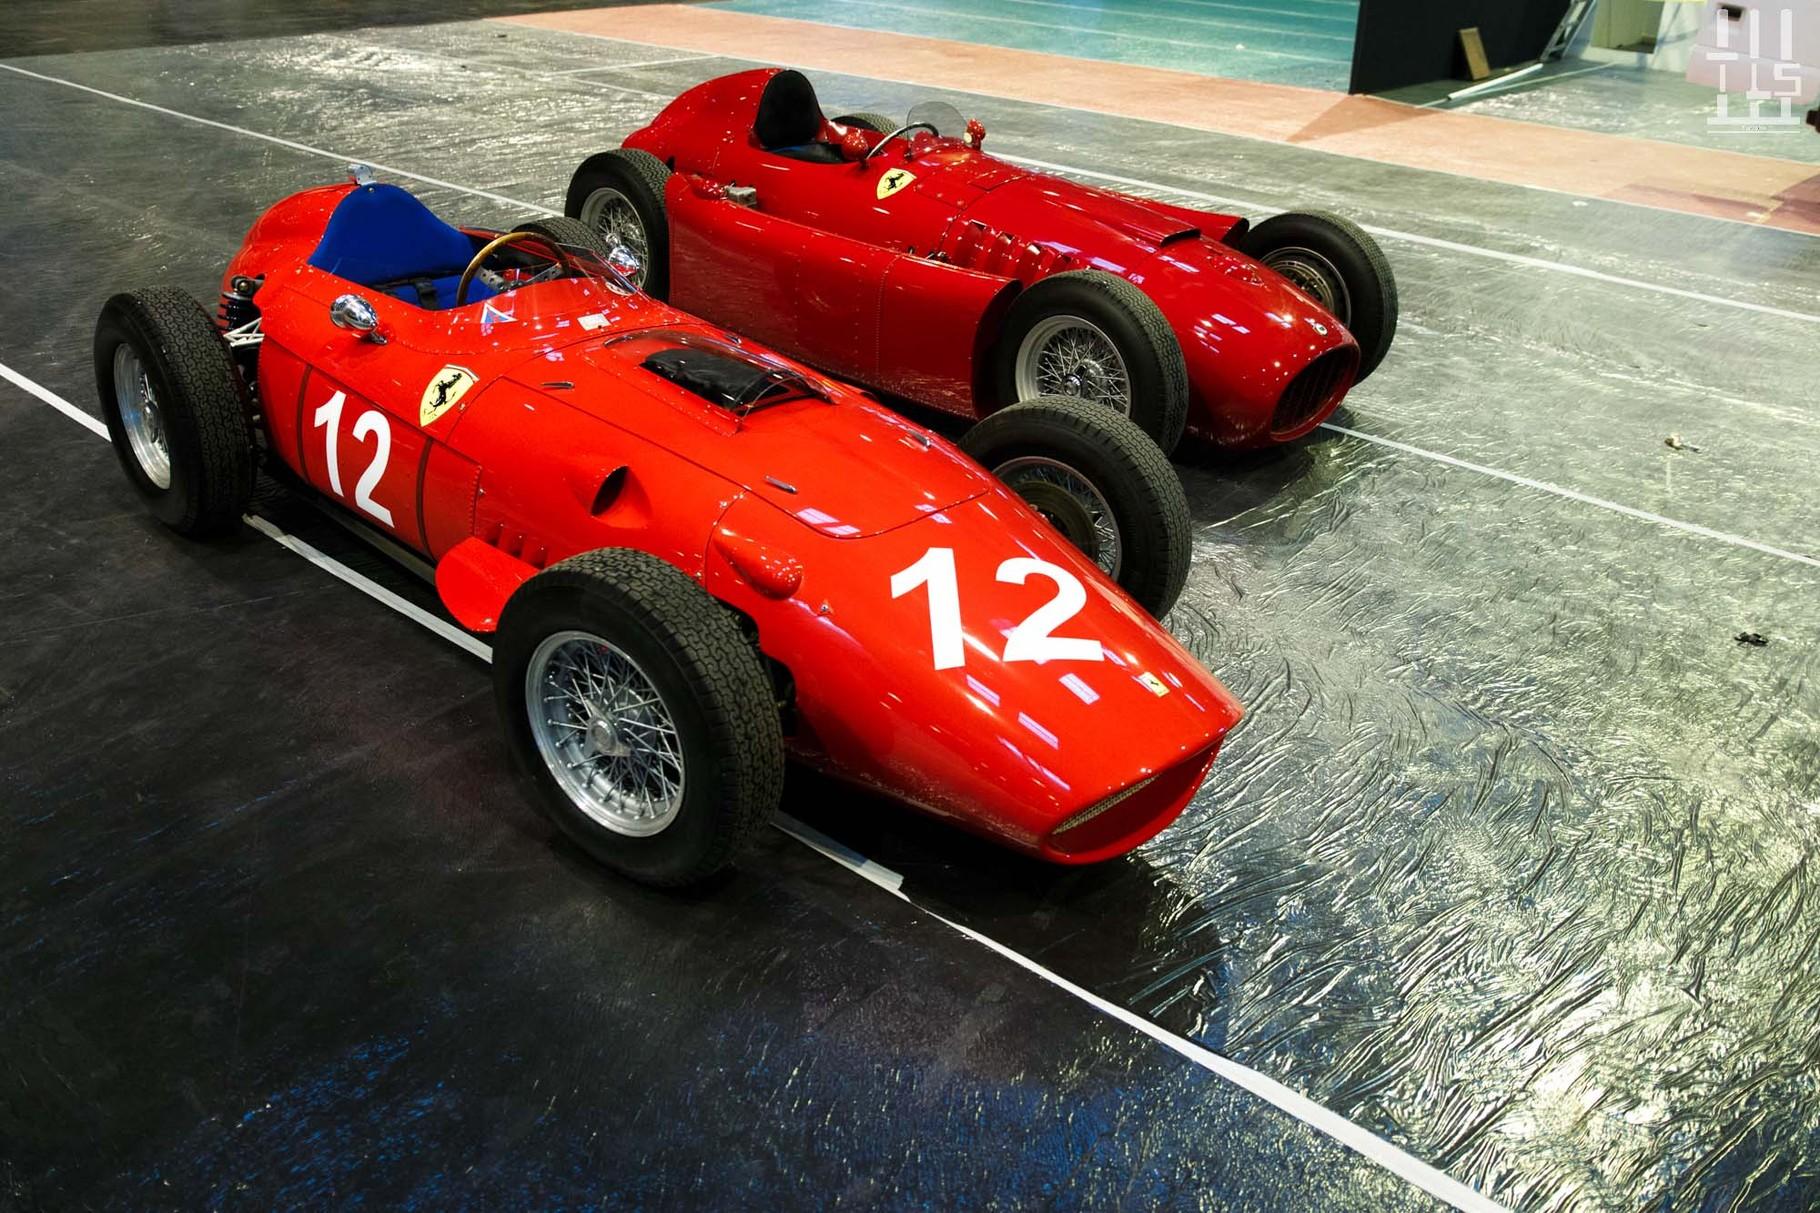 L'Américain Tillack est présent pour la première fois dans le salon. Des répliques extrêmement fidèles s'y trouvent, comme cette 246 Dino châssis 0004/R1 et cette Lancia Ferrari D50...